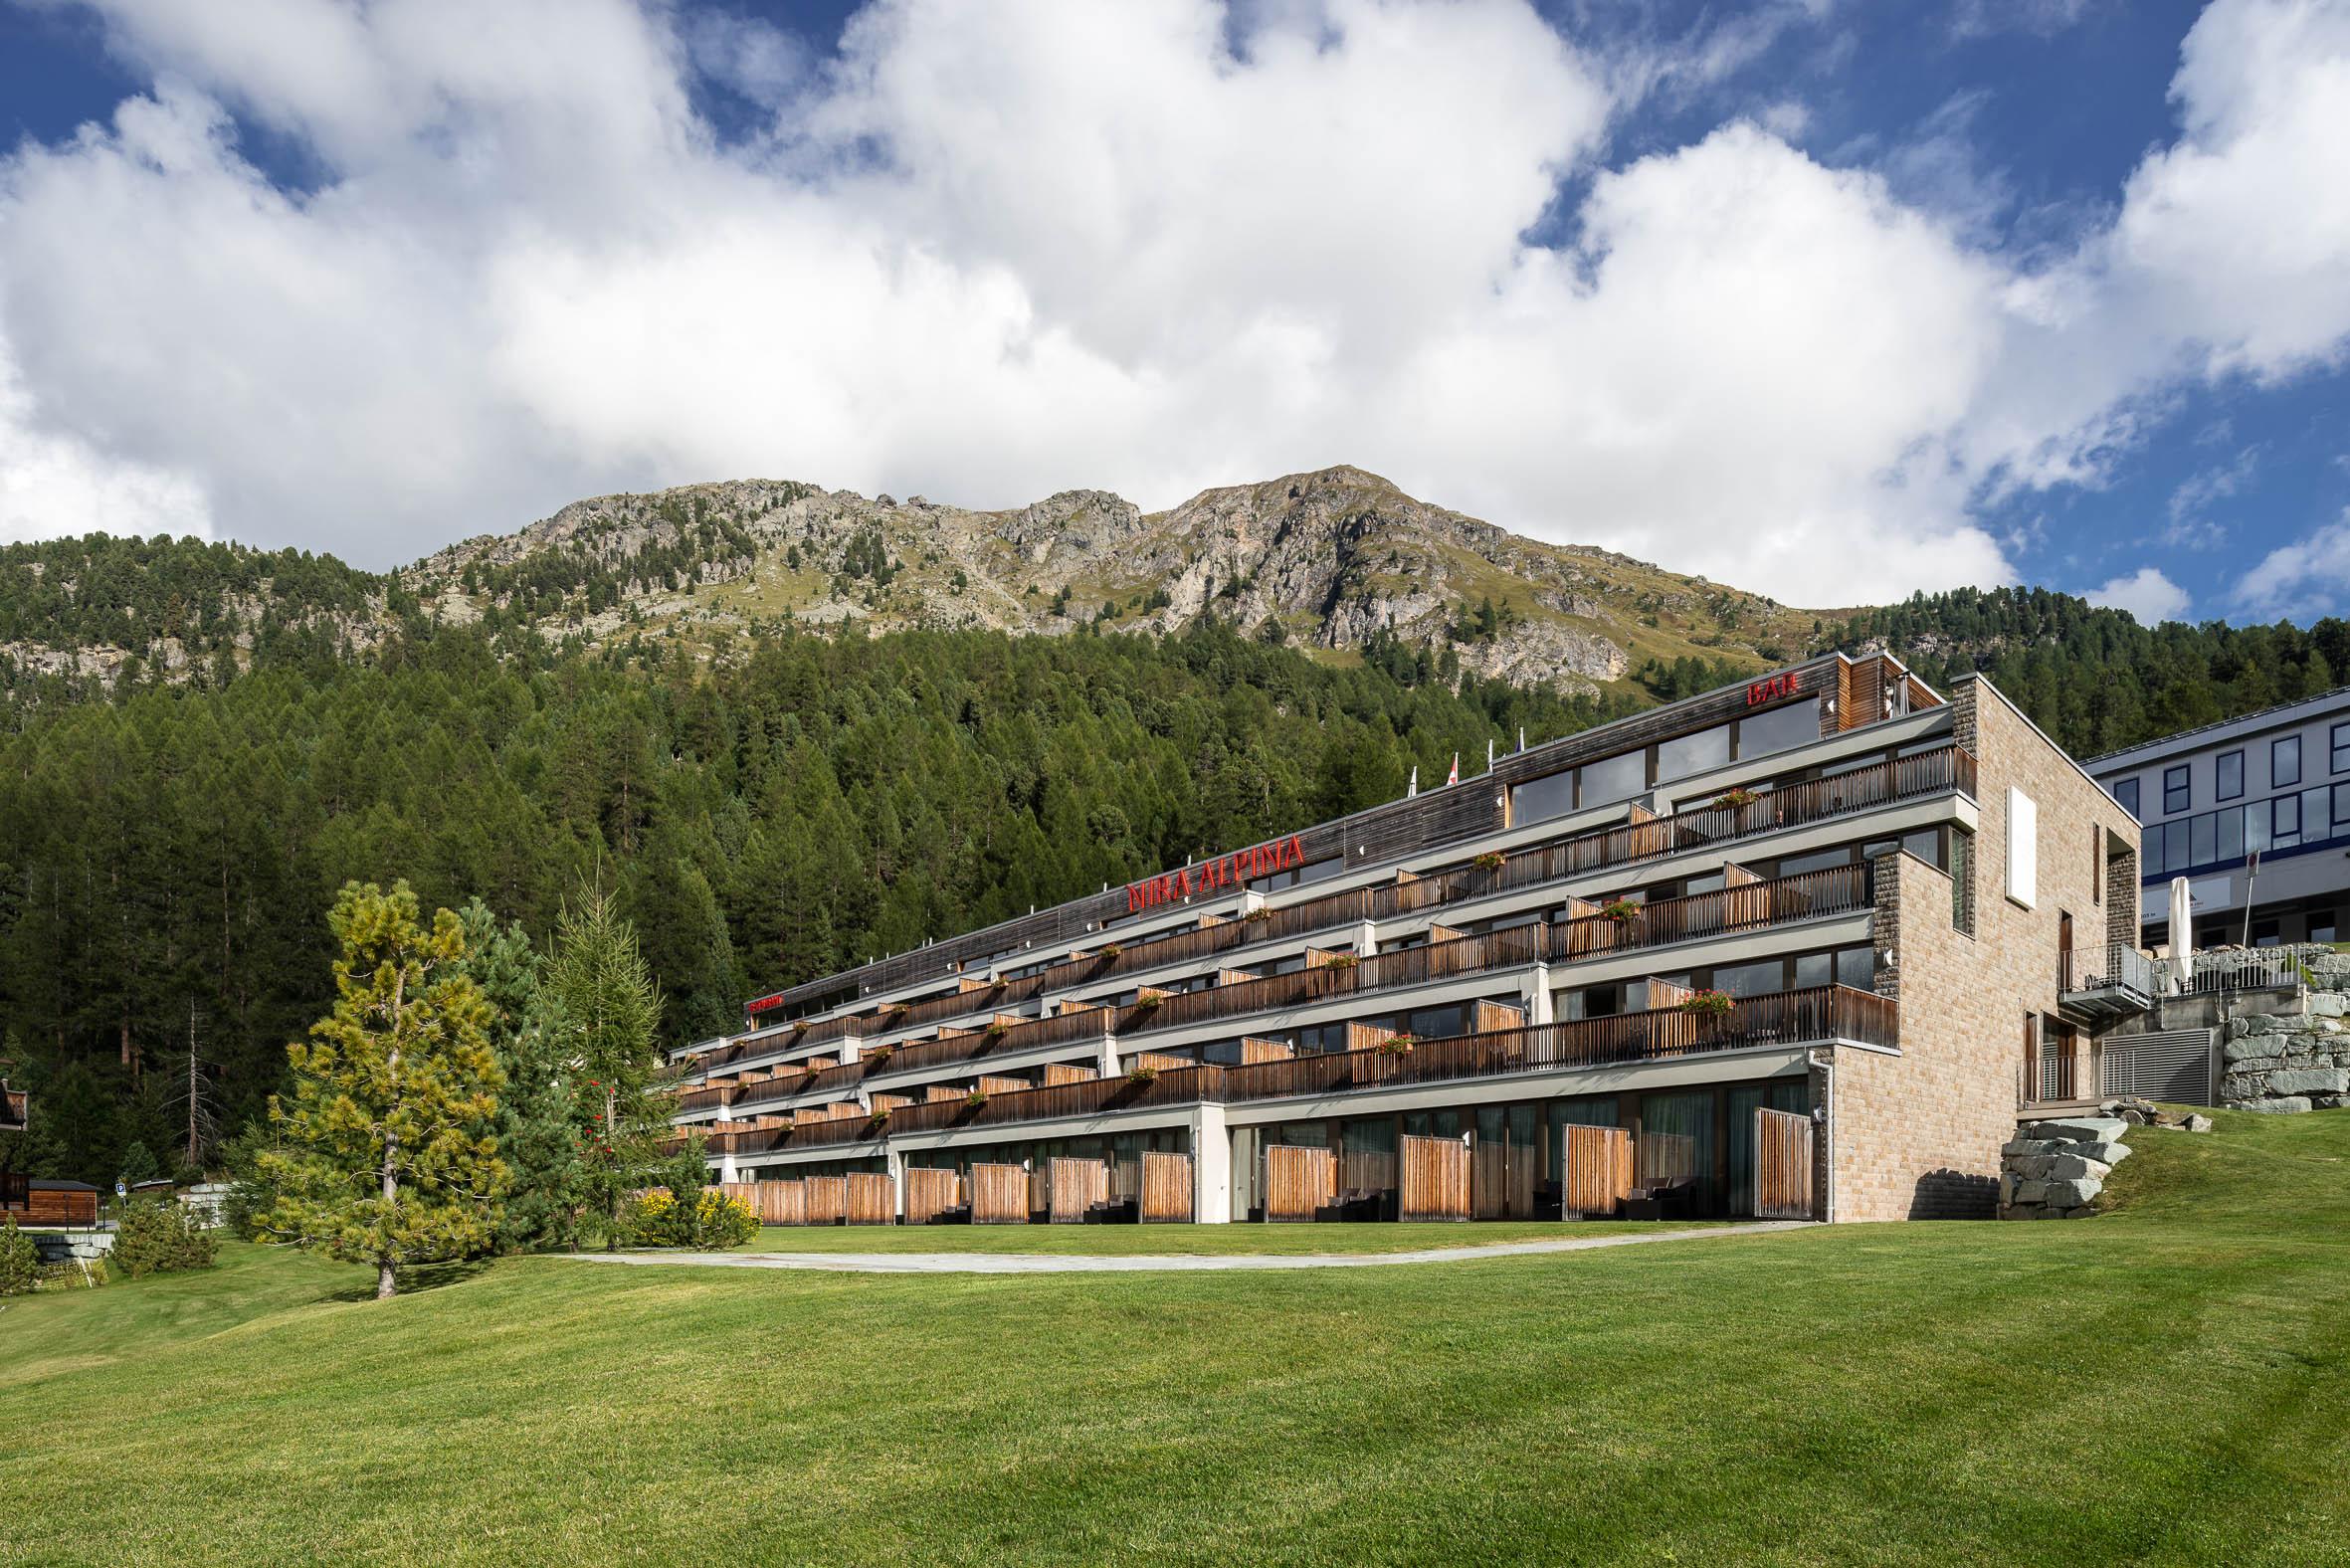 Architekturfotografie Hotel Nira Alpina Silvaplana | Gerd Schaller | BAUWERK PERSPEKTIVEN